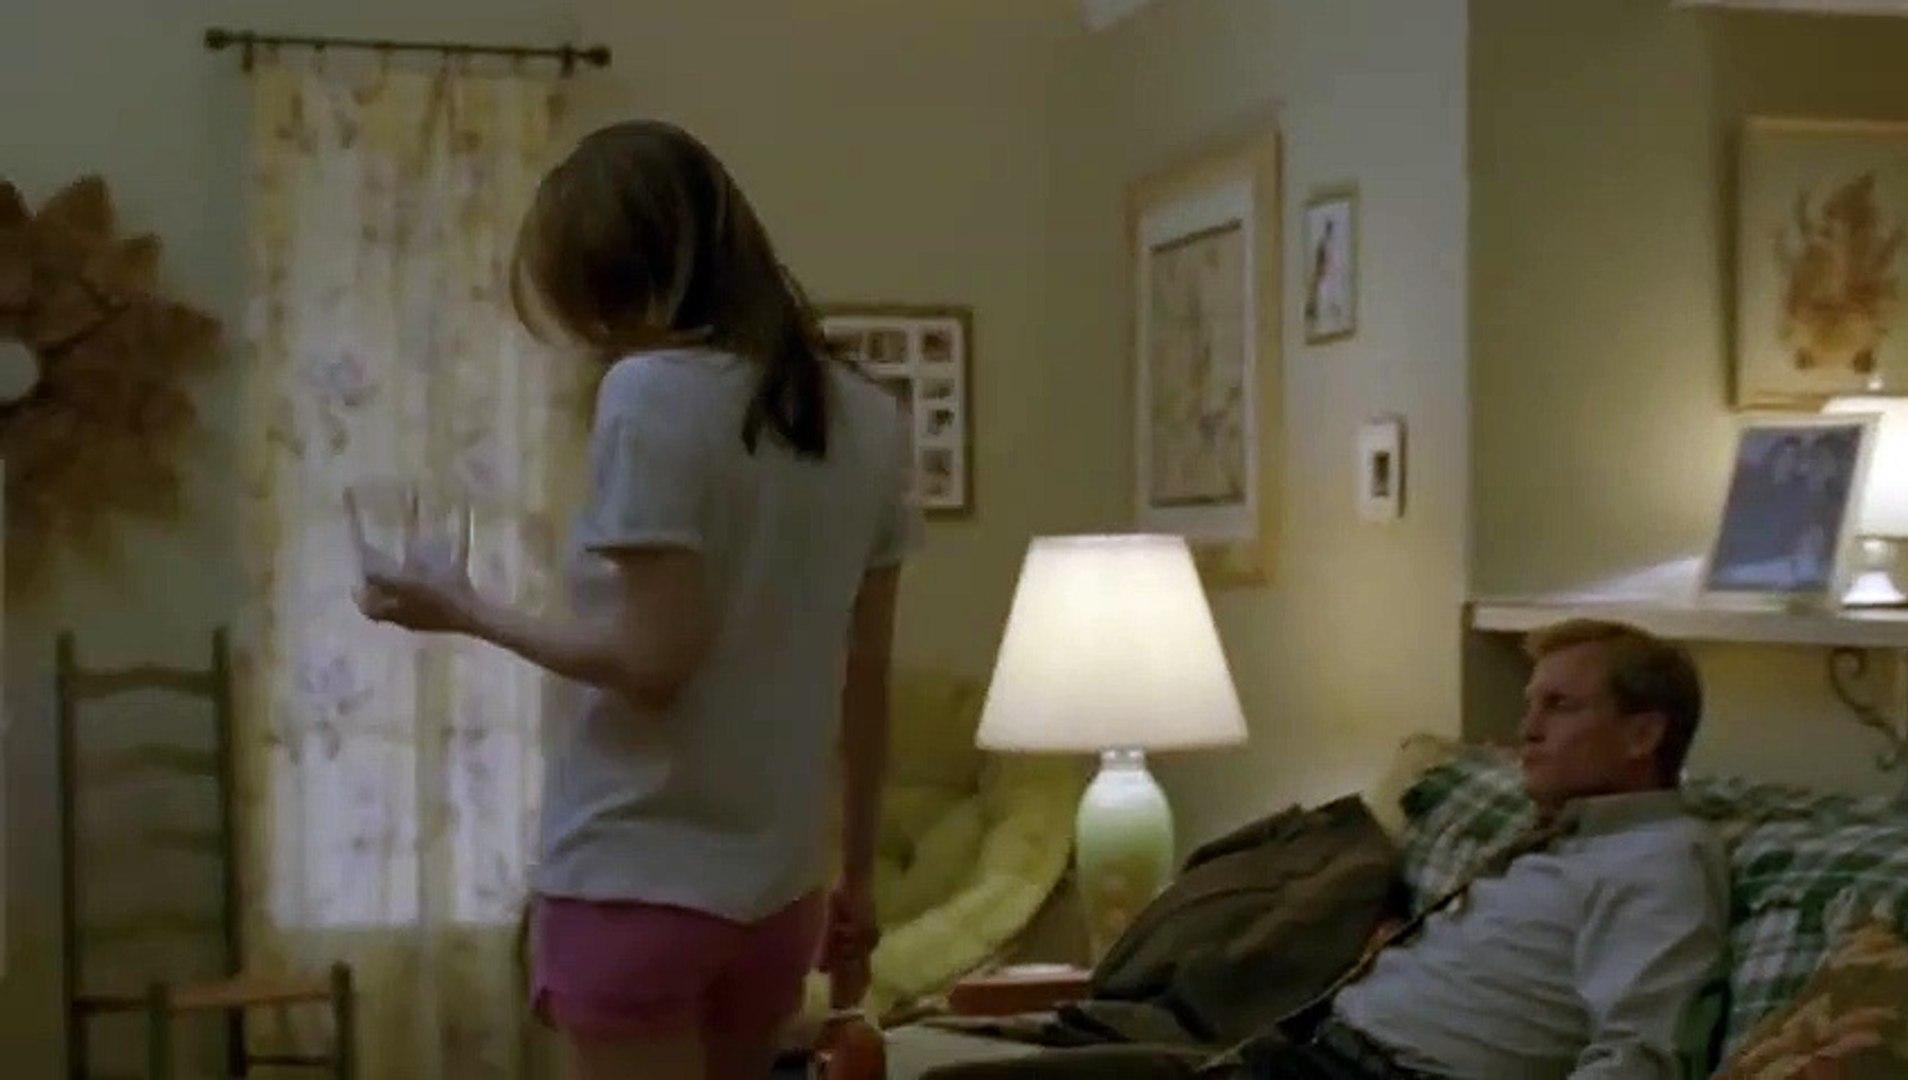 Andrea Daddario Nude alexandra daddario hot scene from true detective